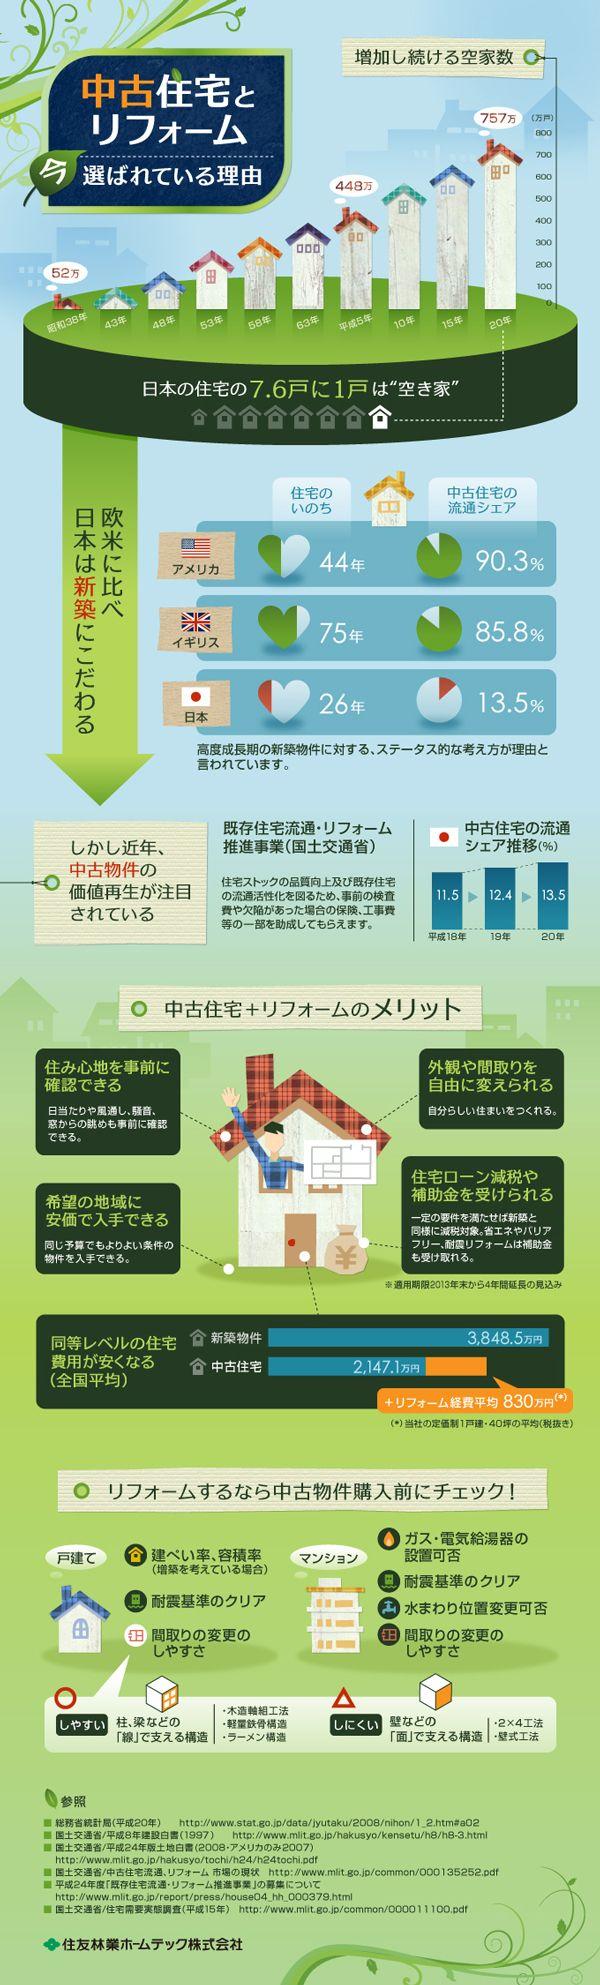 総務省が行っている調査データより、日本の空家率の増加、短命な日本の住宅事情などの情報をまとめて中古住宅の人気の高まりの背景を分析したインフォ...